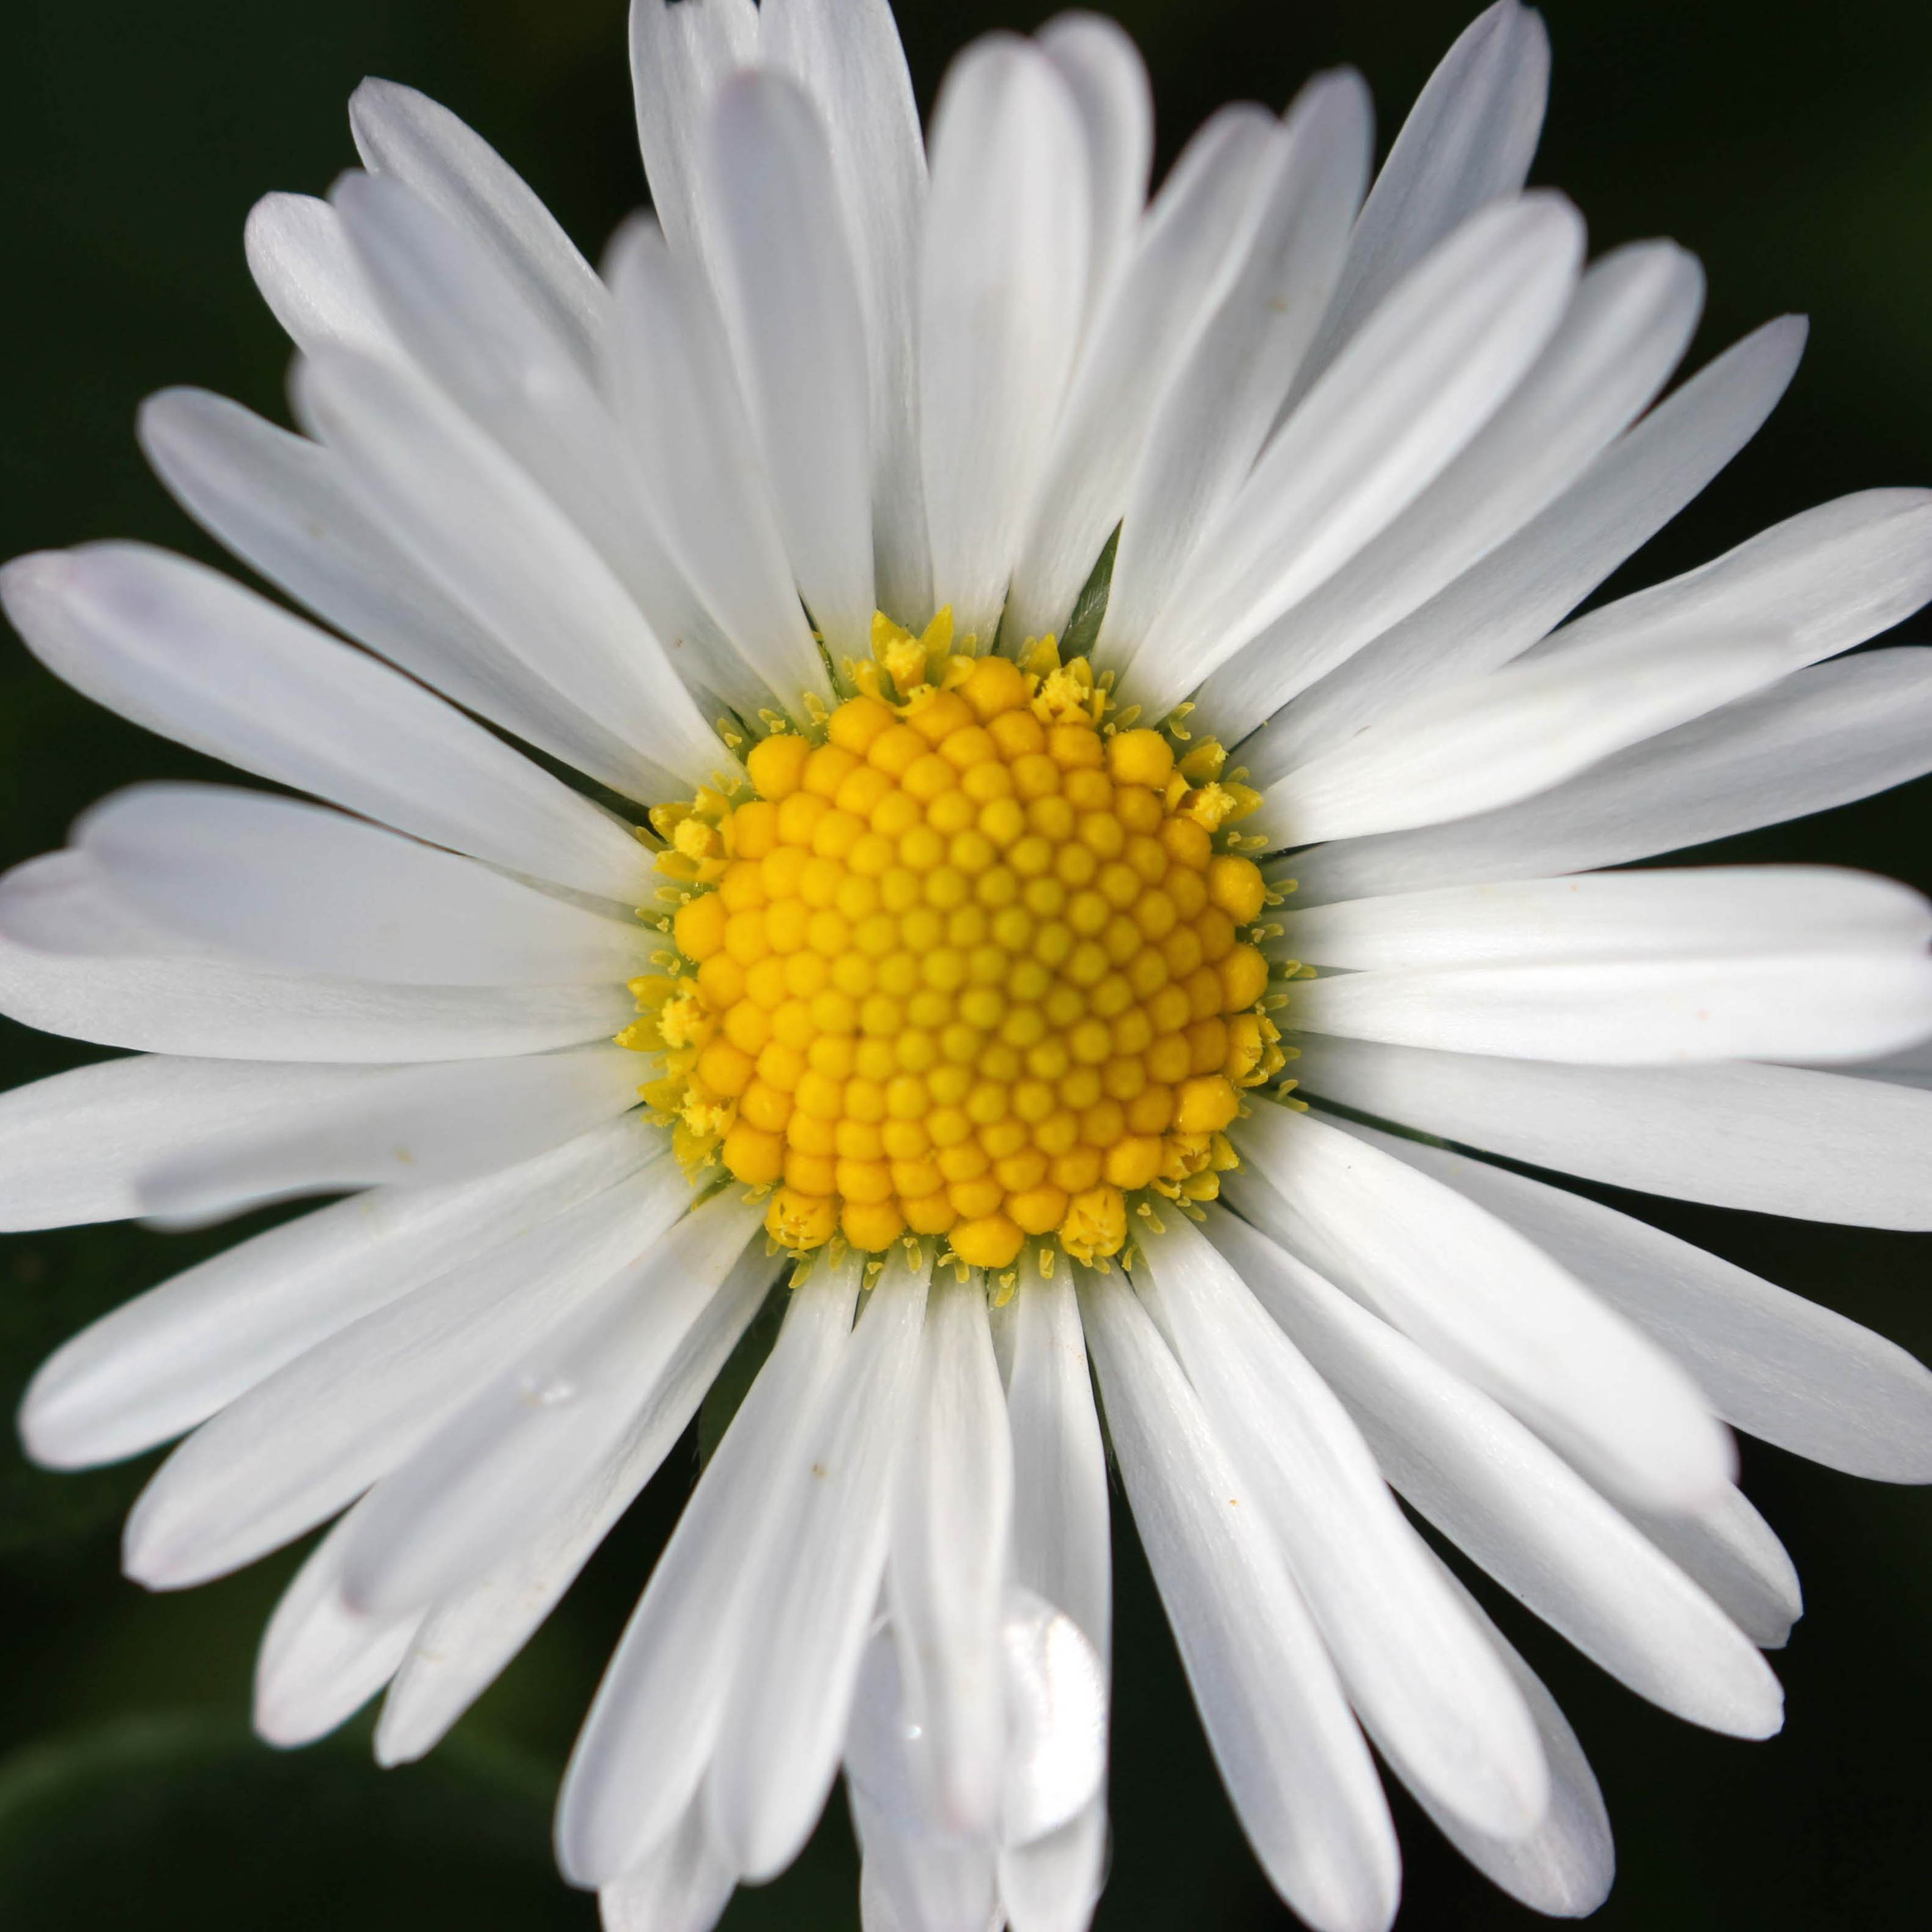 171027 Daisy